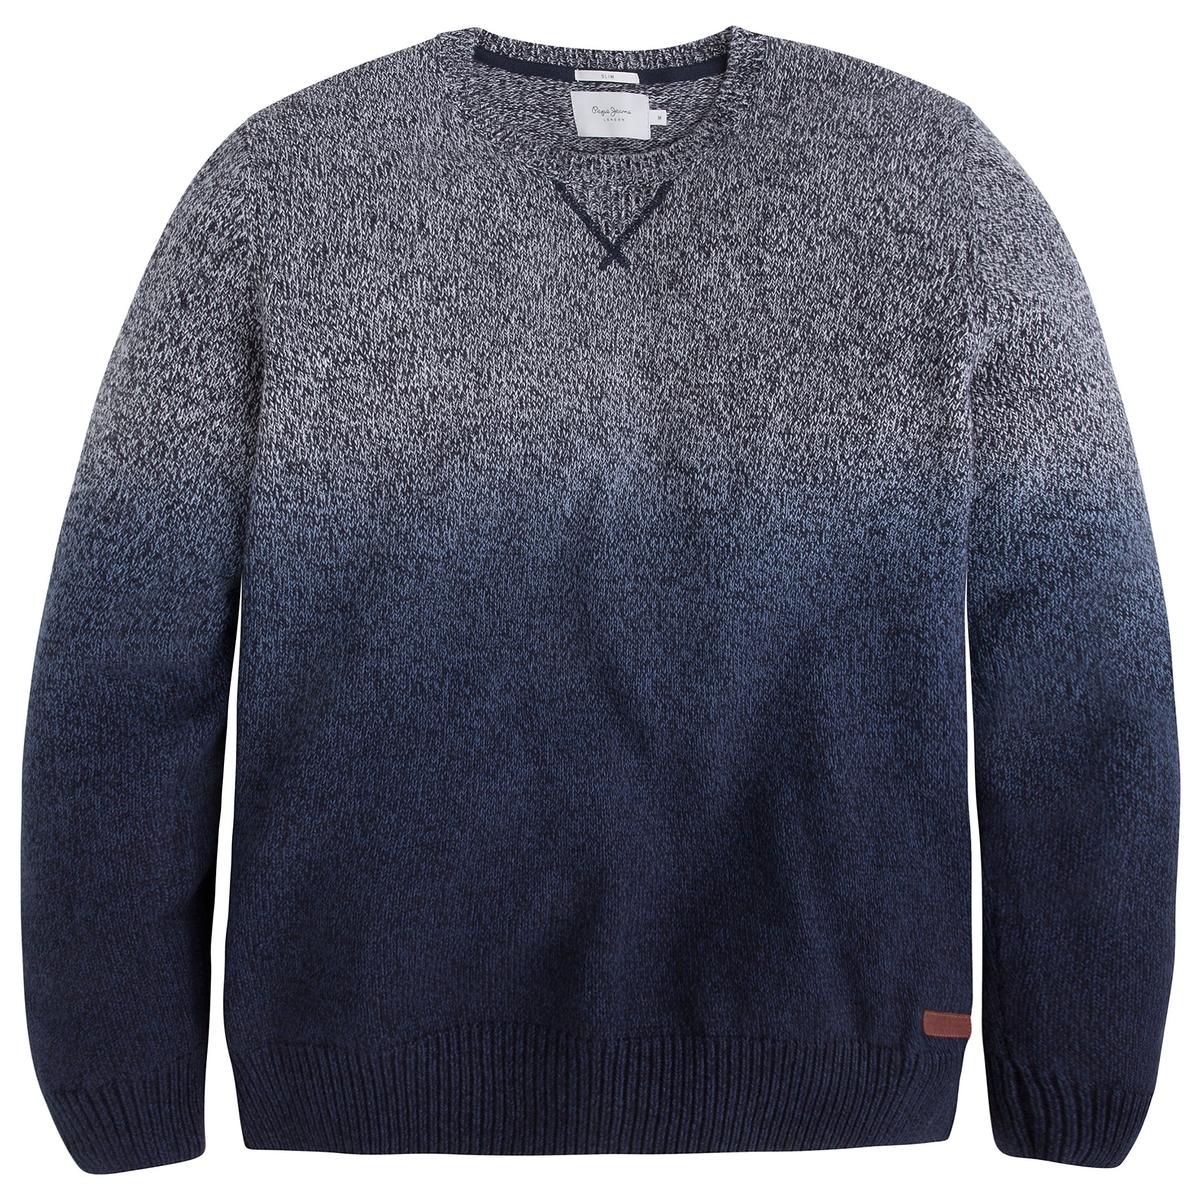 Пуловер с круглым вырезом из тонкого трикотажаДетали •  Длинные рукава •  Круглый вырез •  Тонкий трикотаж  •  Рисунок тай-энд-дай Состав и уход •  100% хлопок •  Следуйте советам по уходу, указанным на этикетке<br><br>Цвет: синий индиго<br>Размер: L